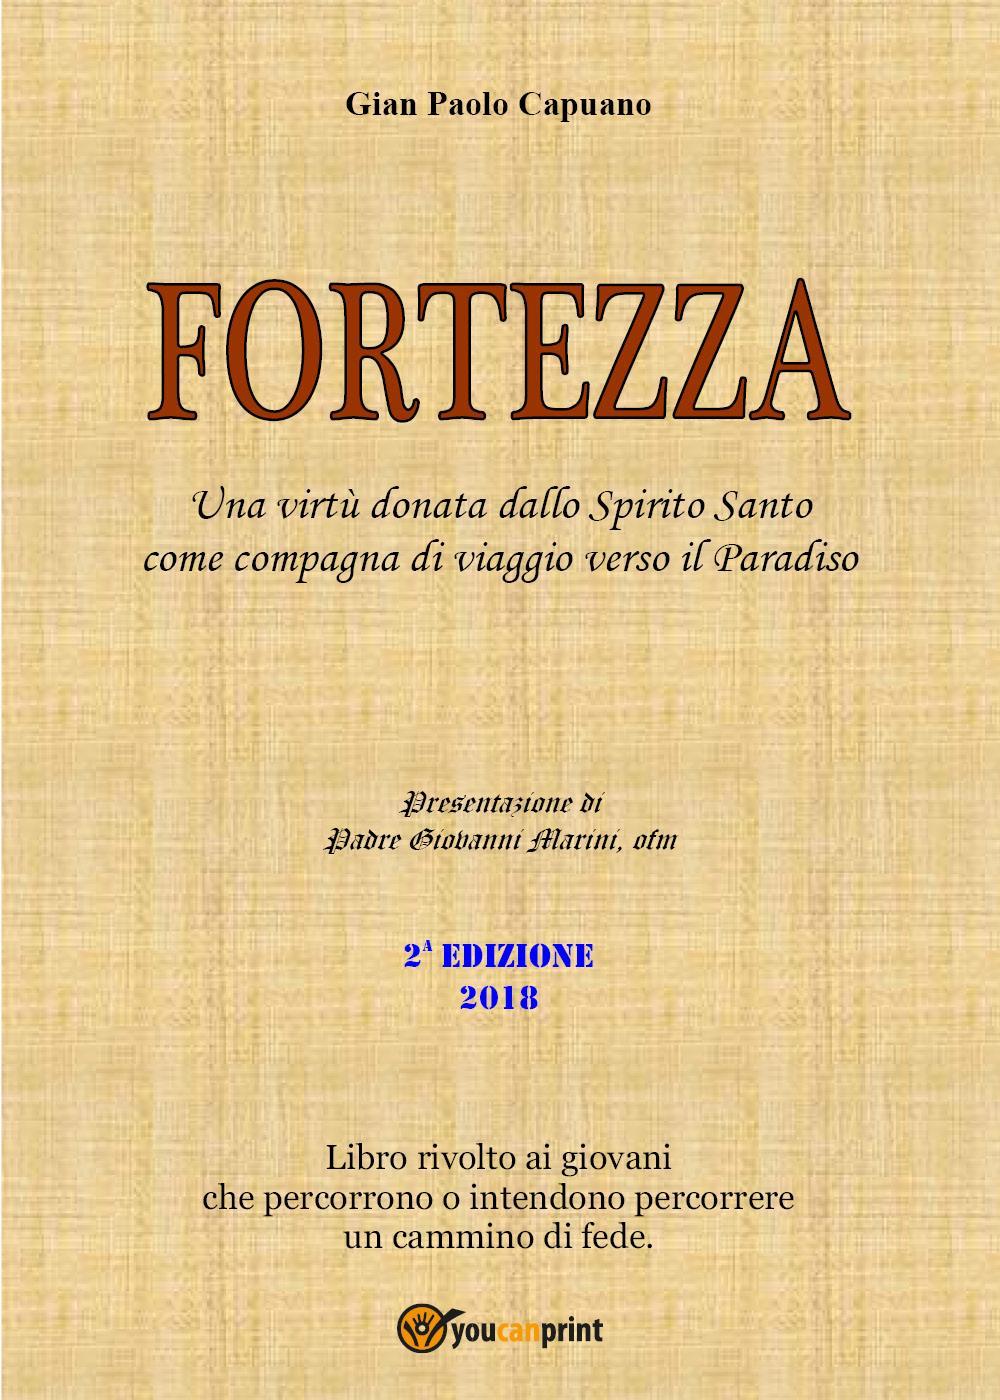 FORTEZZA. Una virtù donata dallo Spirito Santo come compagna di viaggio verso il Paradiso